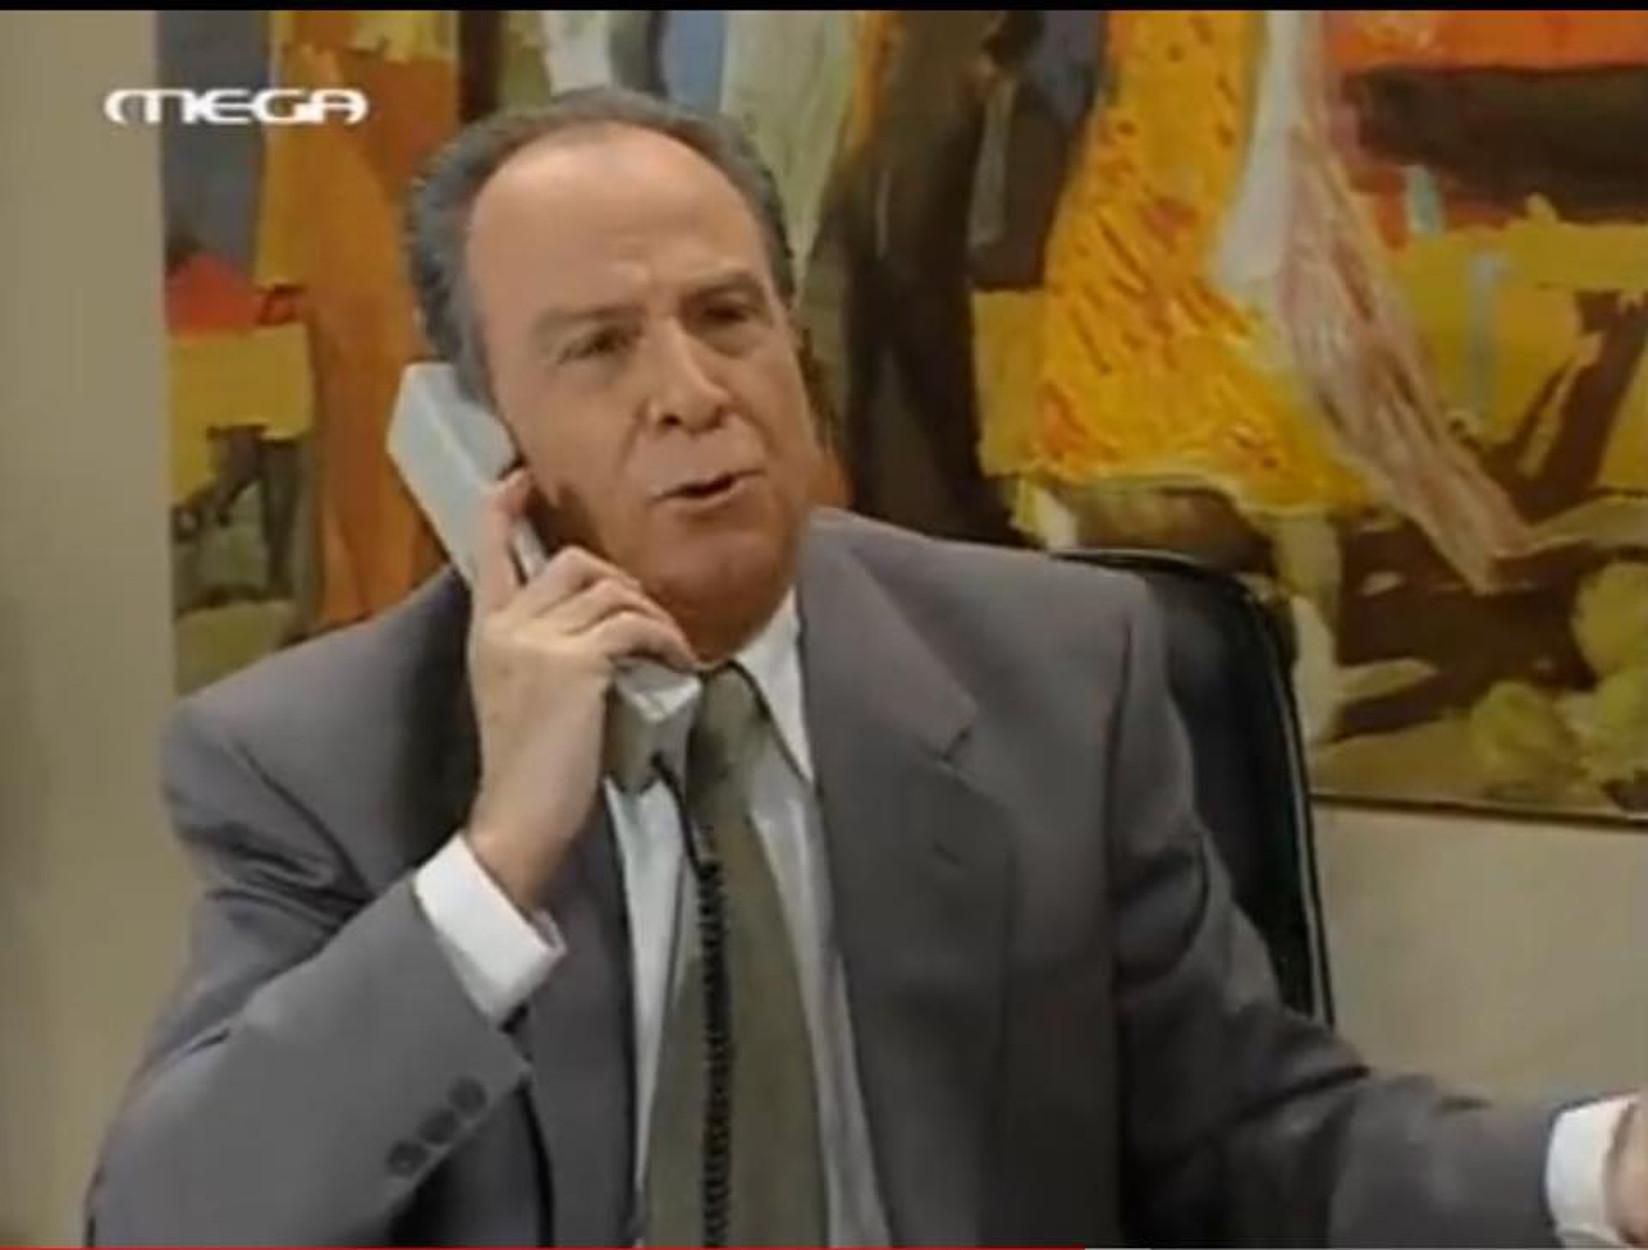 Πέθανε ο γνωστός ηθοποιός Δημήτρης Τσούτσης!